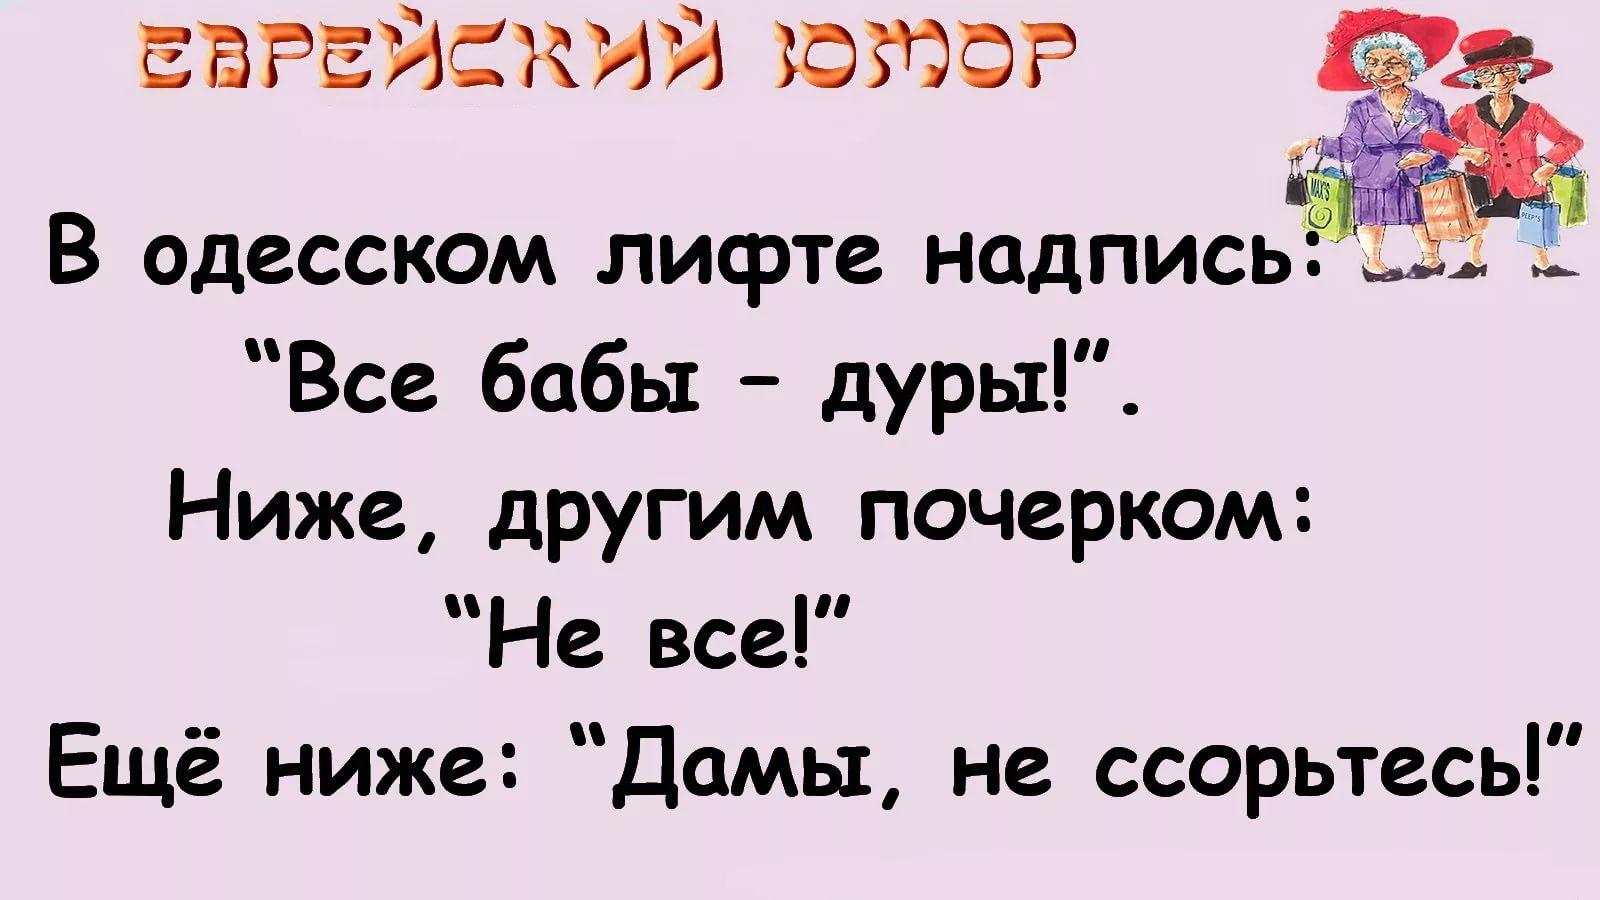 Читать смешные еврейские одесские анекдоты 8